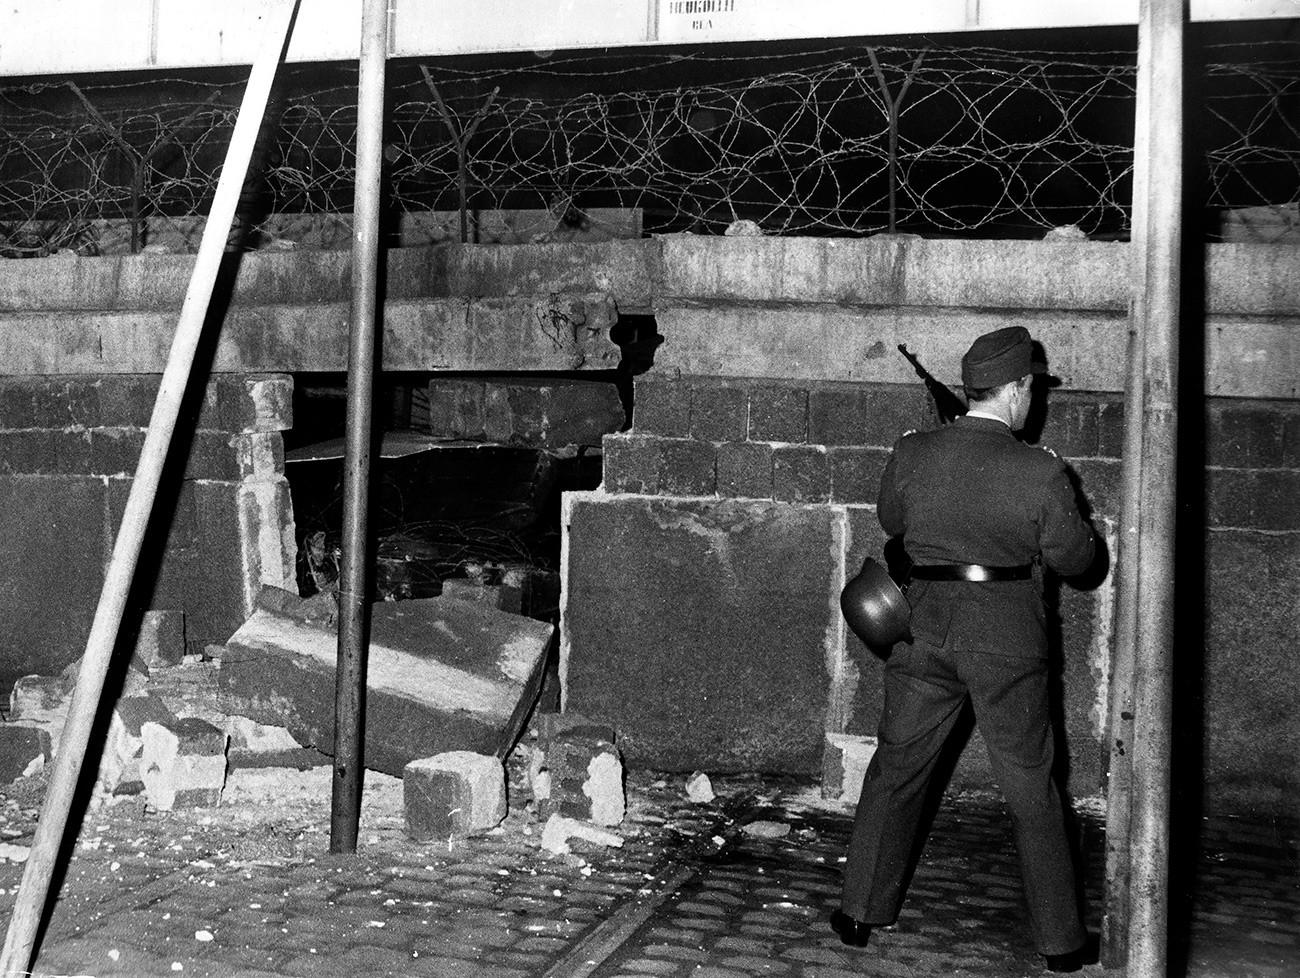 Le tracce lasciate da Wolfgang Engels, 19 anni, nel tentativo di oltrepassare il muro